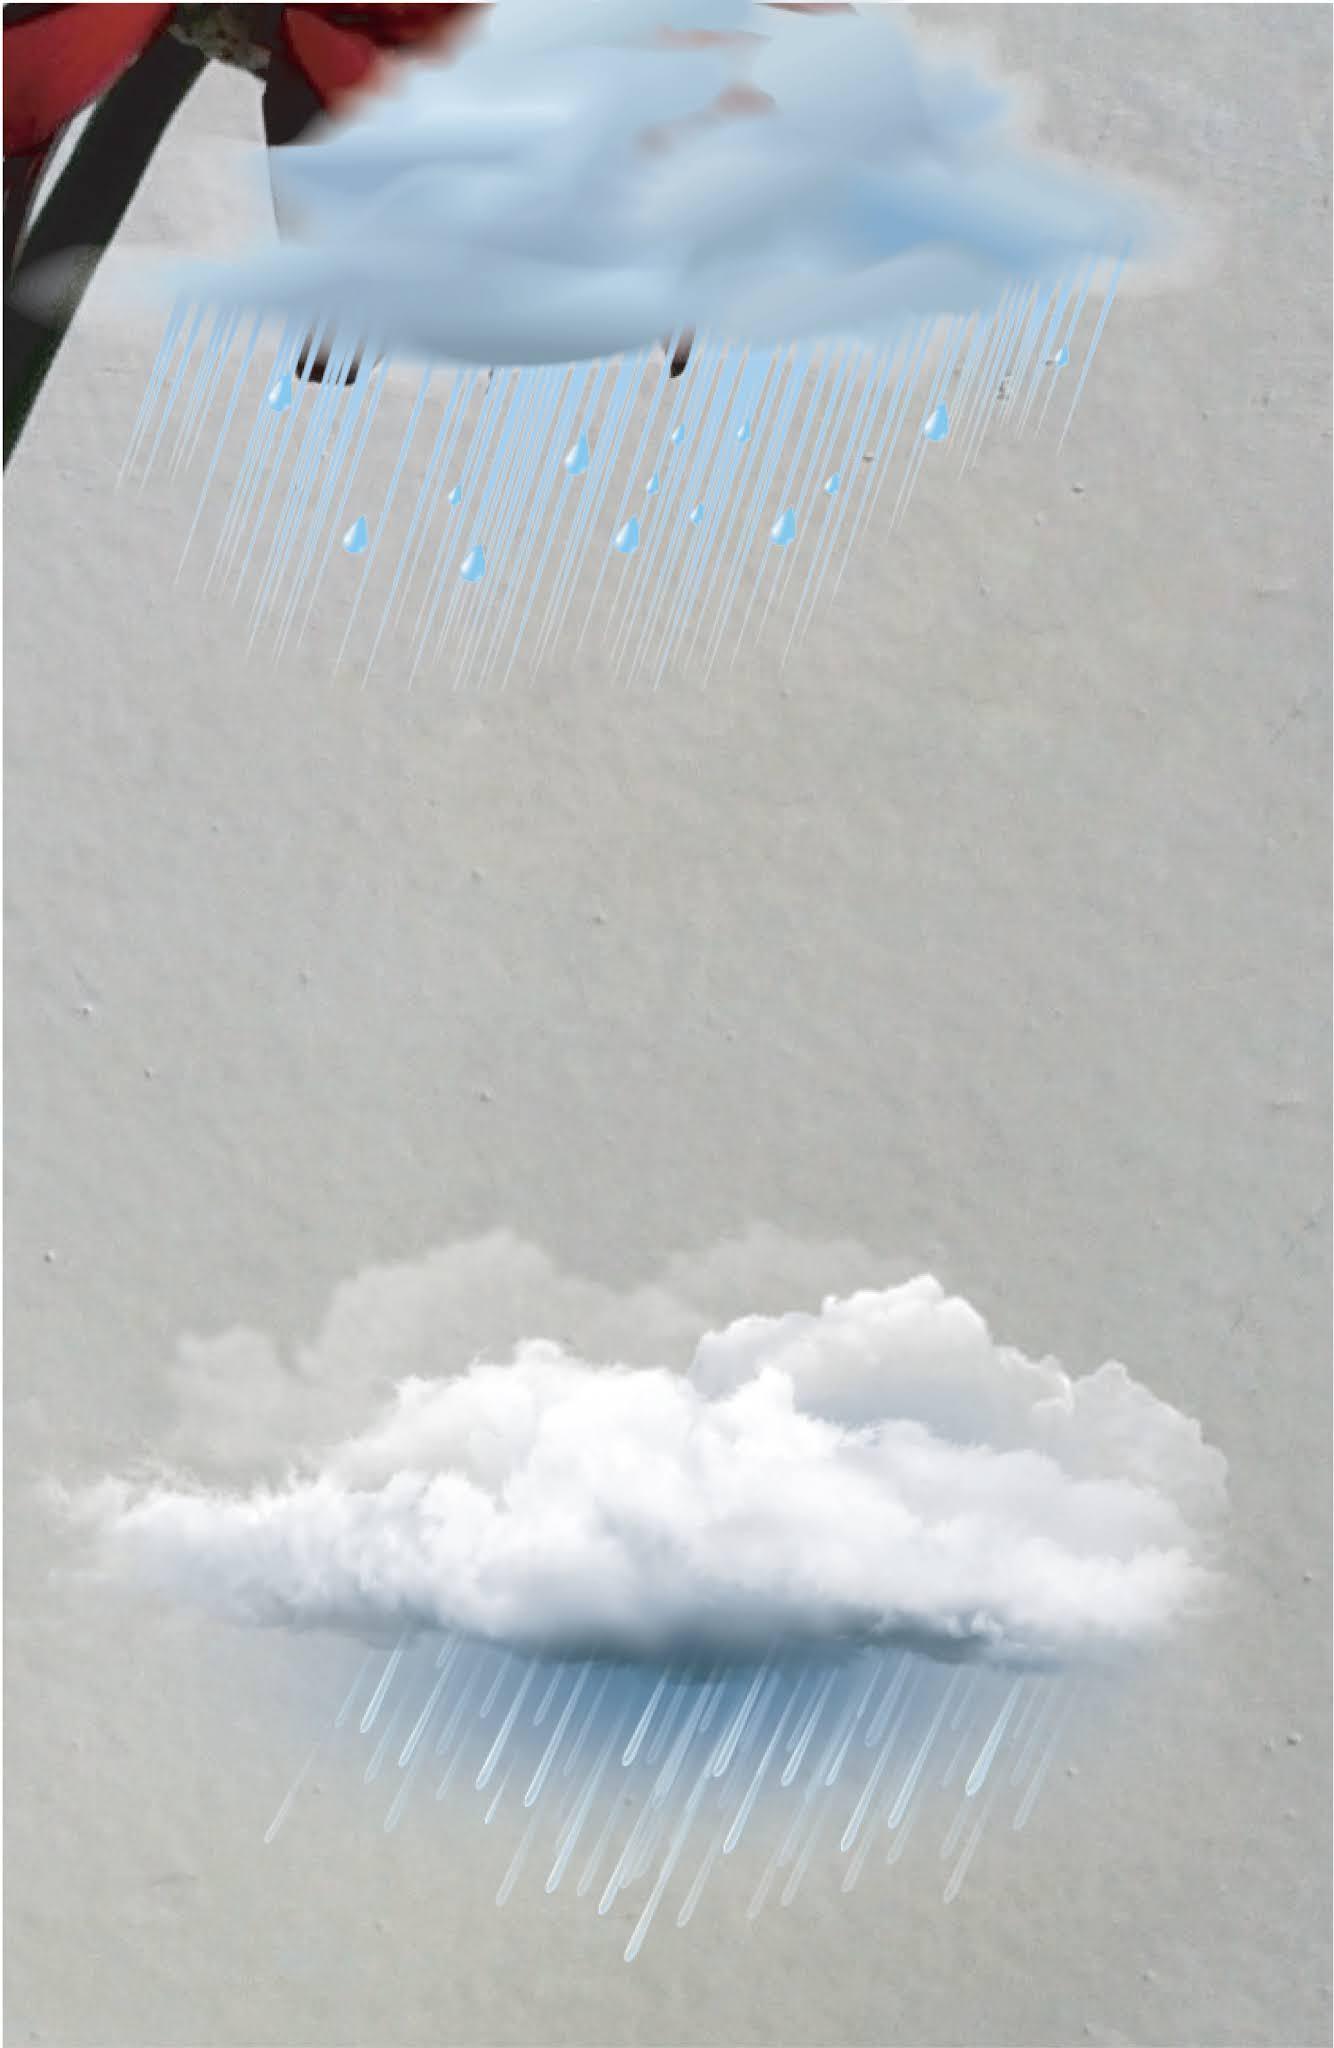 বৃষ্টির পদাবলি - ০২